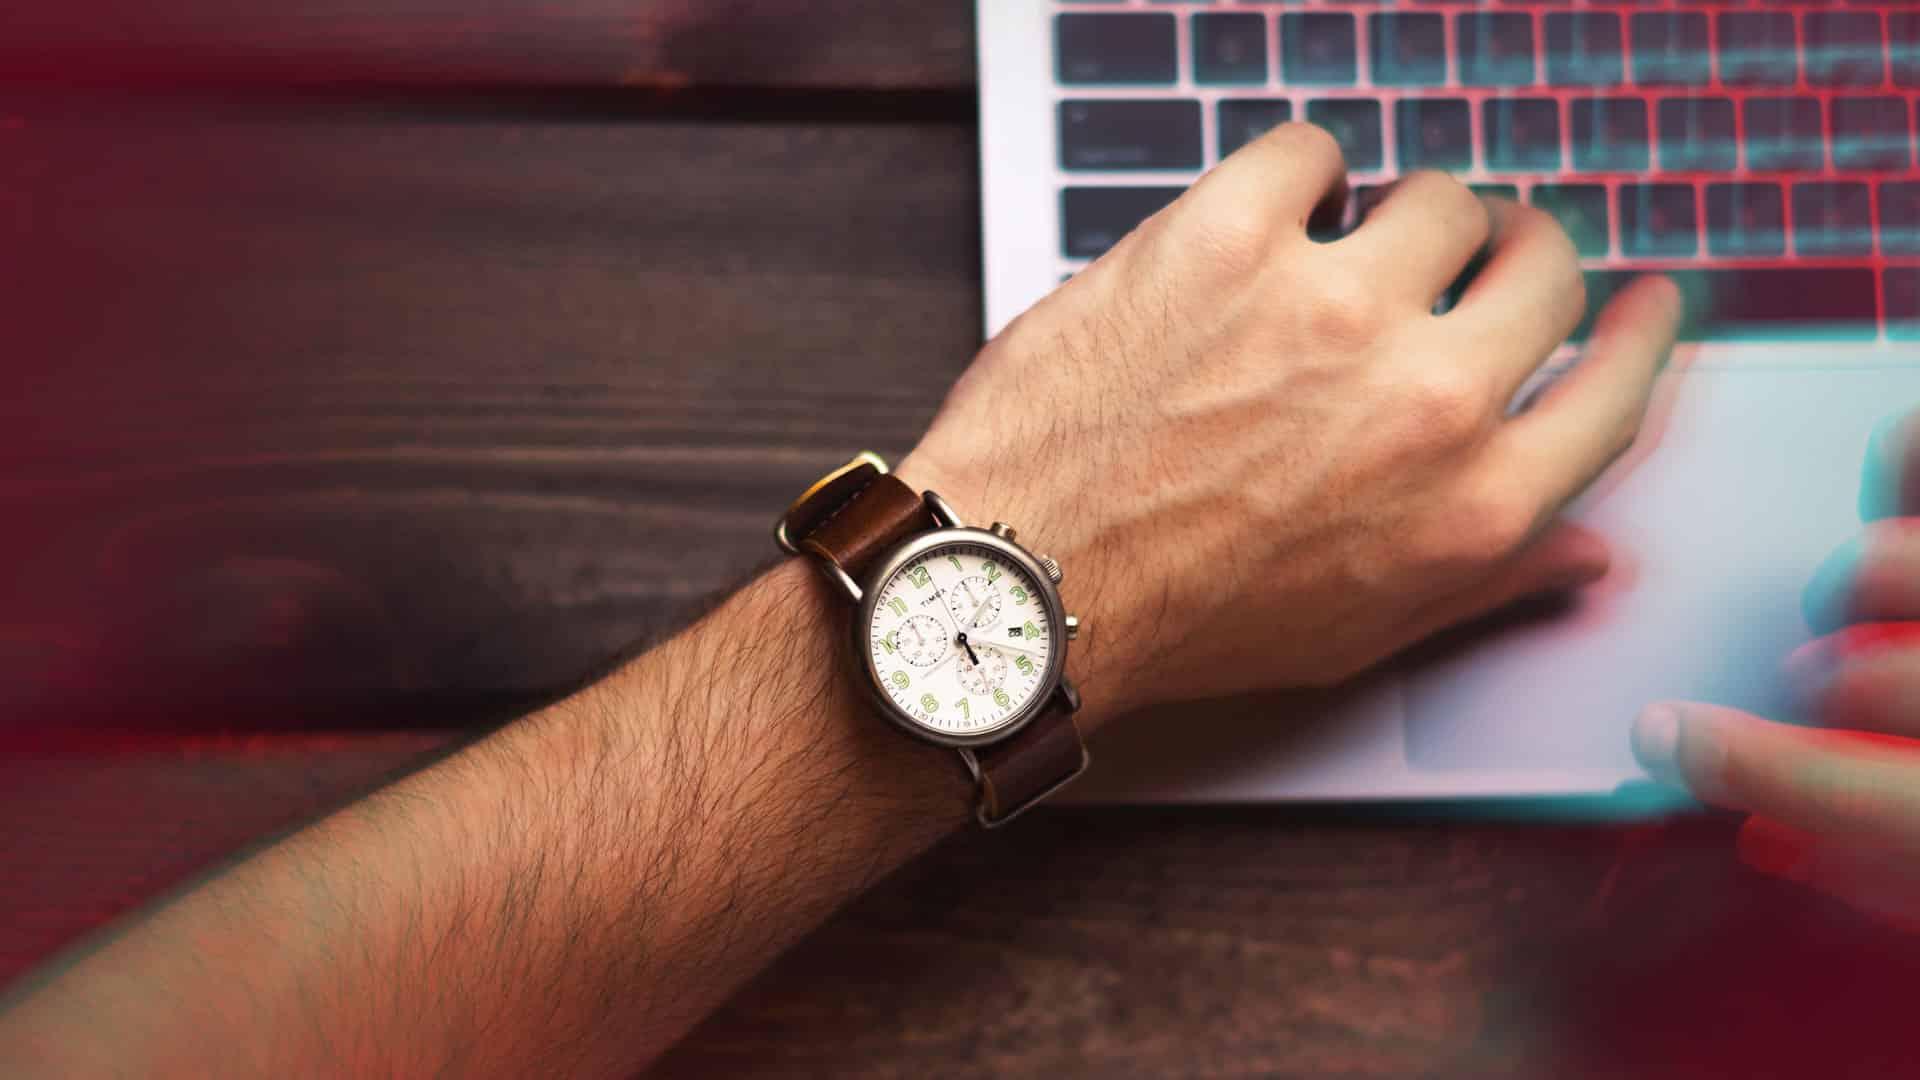 homme qui a la main sur son ordinateur sur un bureau avec une montre au poignet